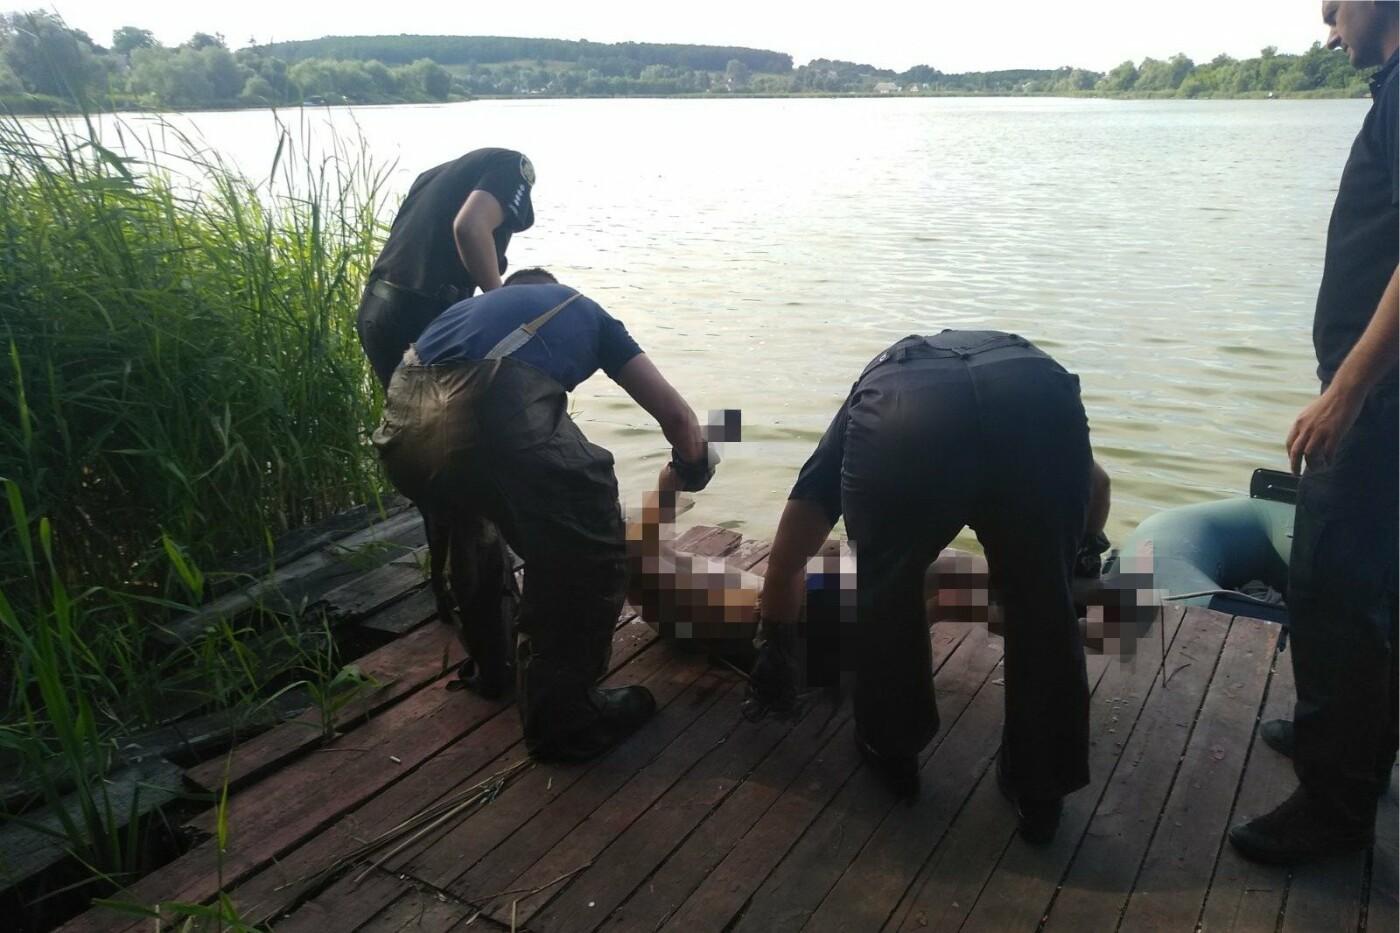 В Харьковской области нашли труп мужчины, утонувшего в местном пруду, - ФОТО, фото-1